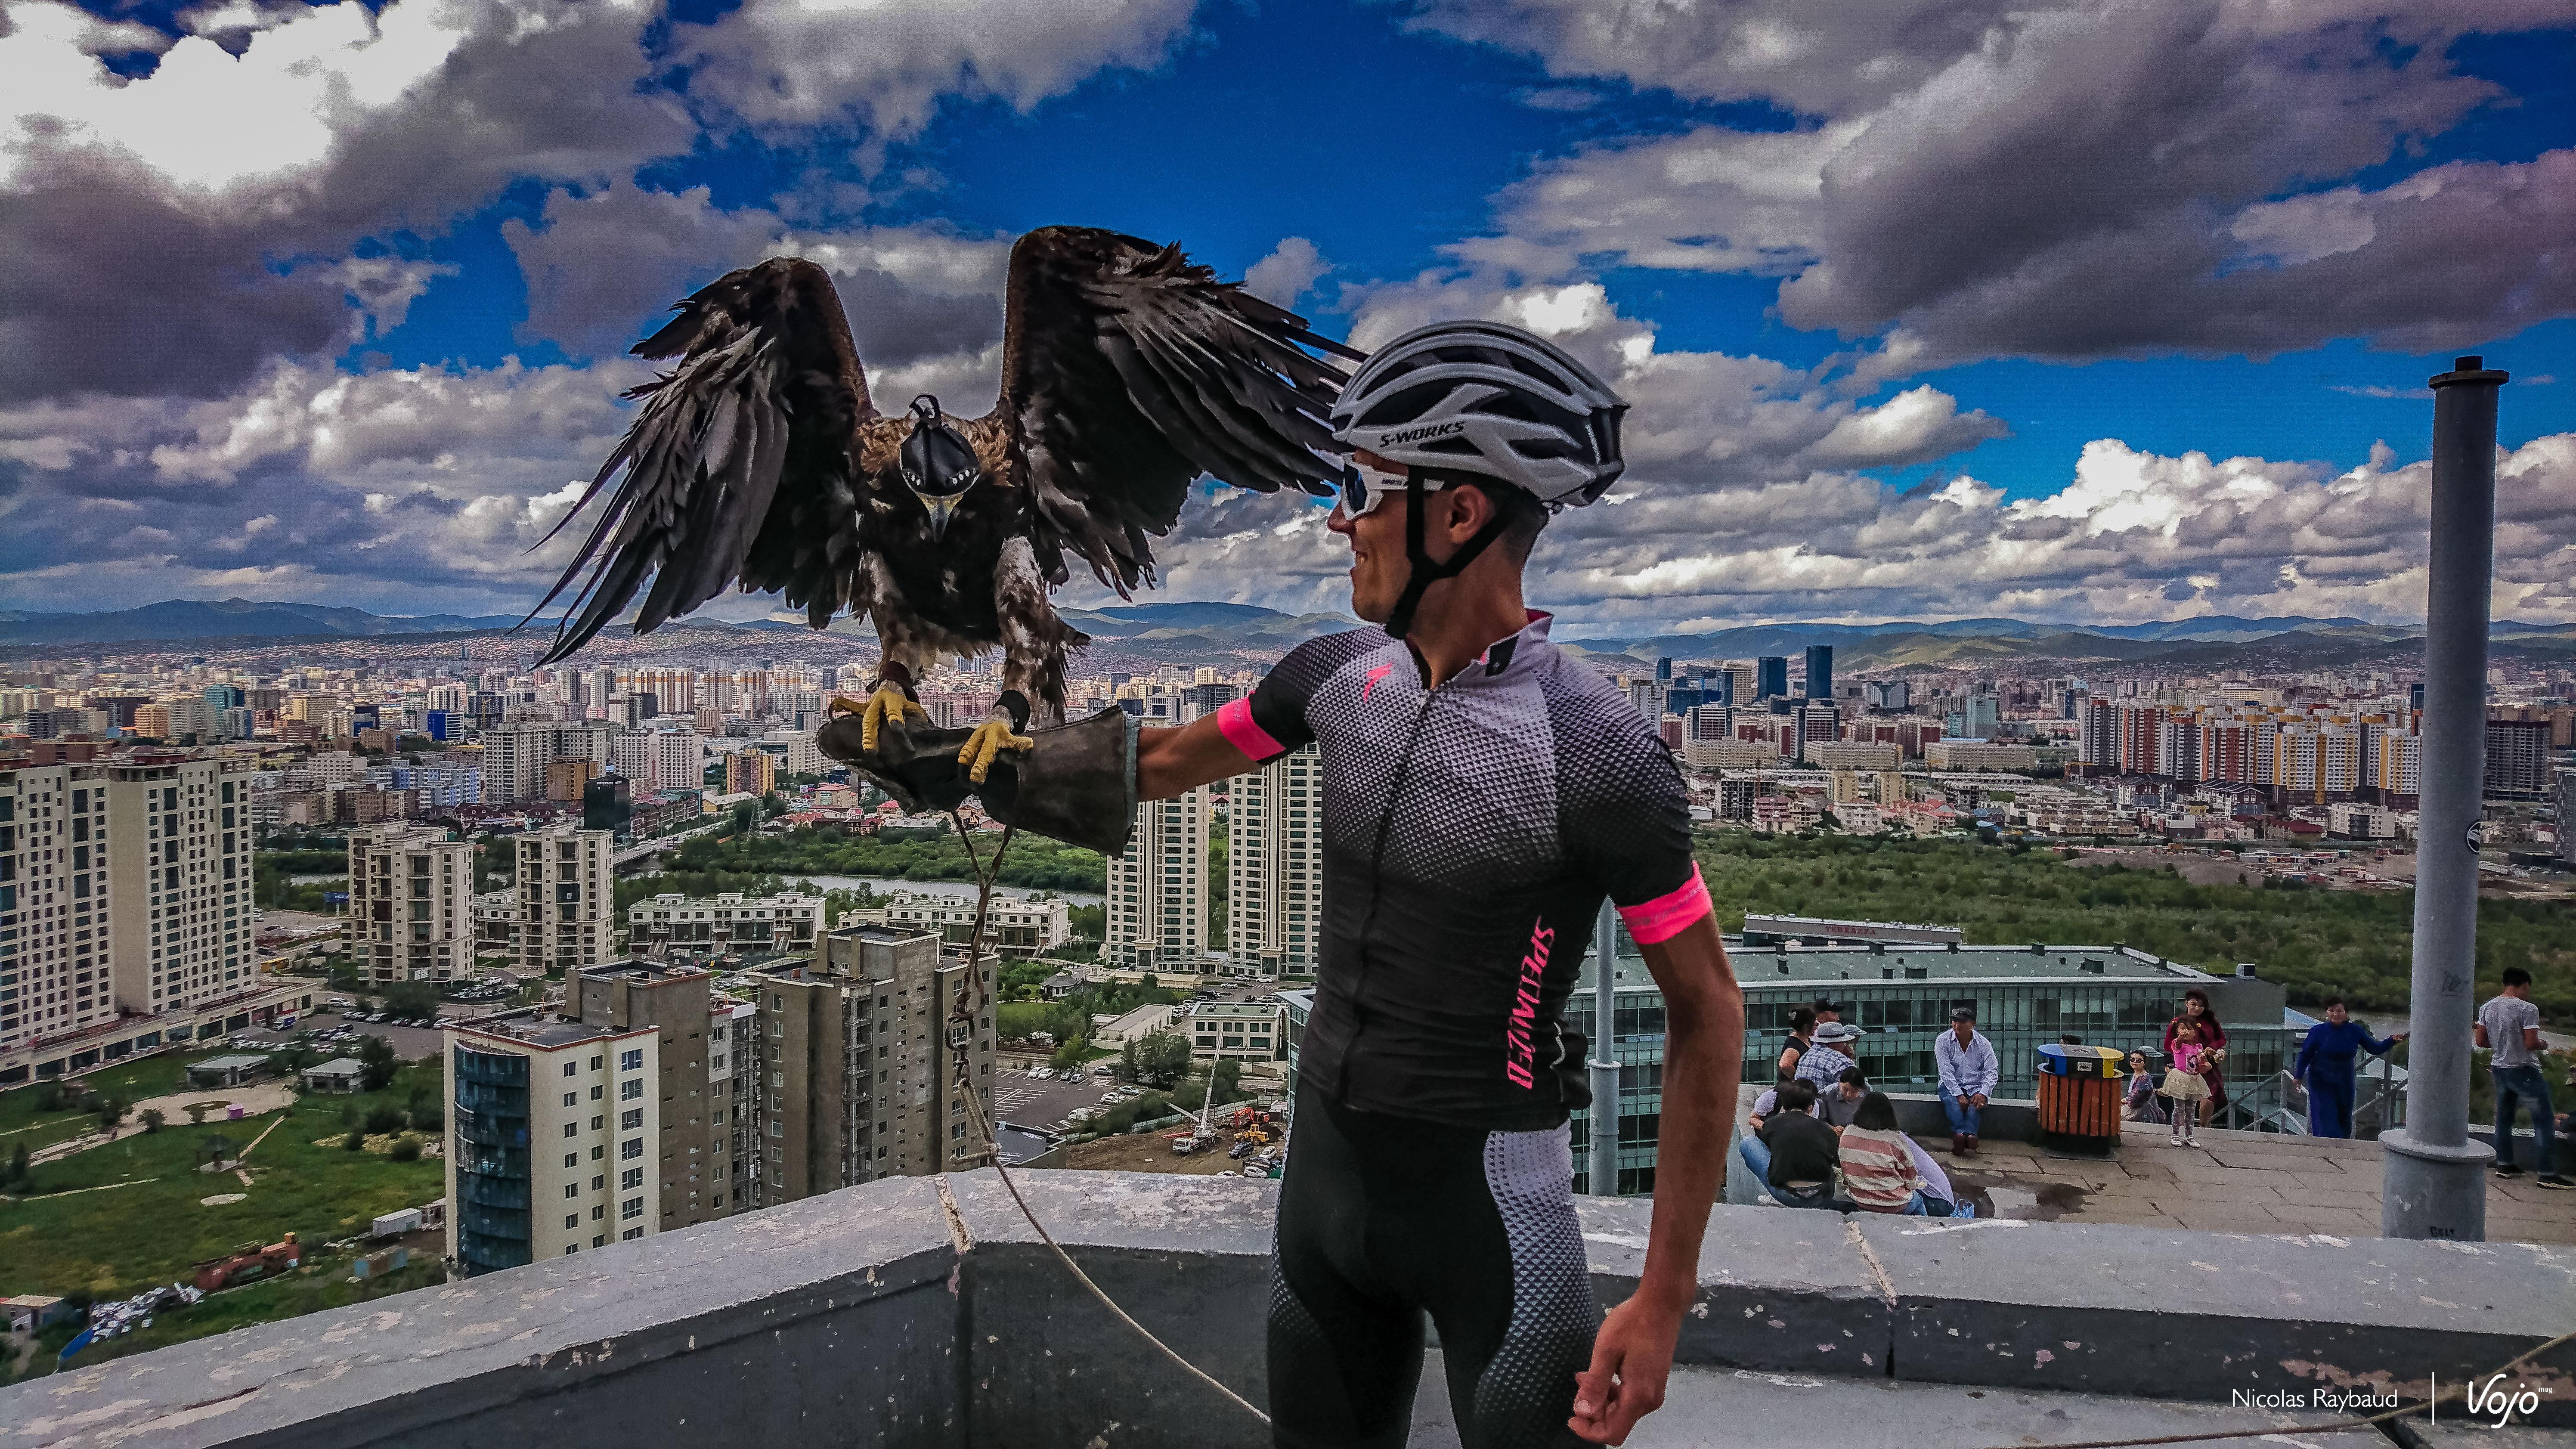 Nicolas Raybaud au sommet de la ville de Oulan Bator avec un aigle